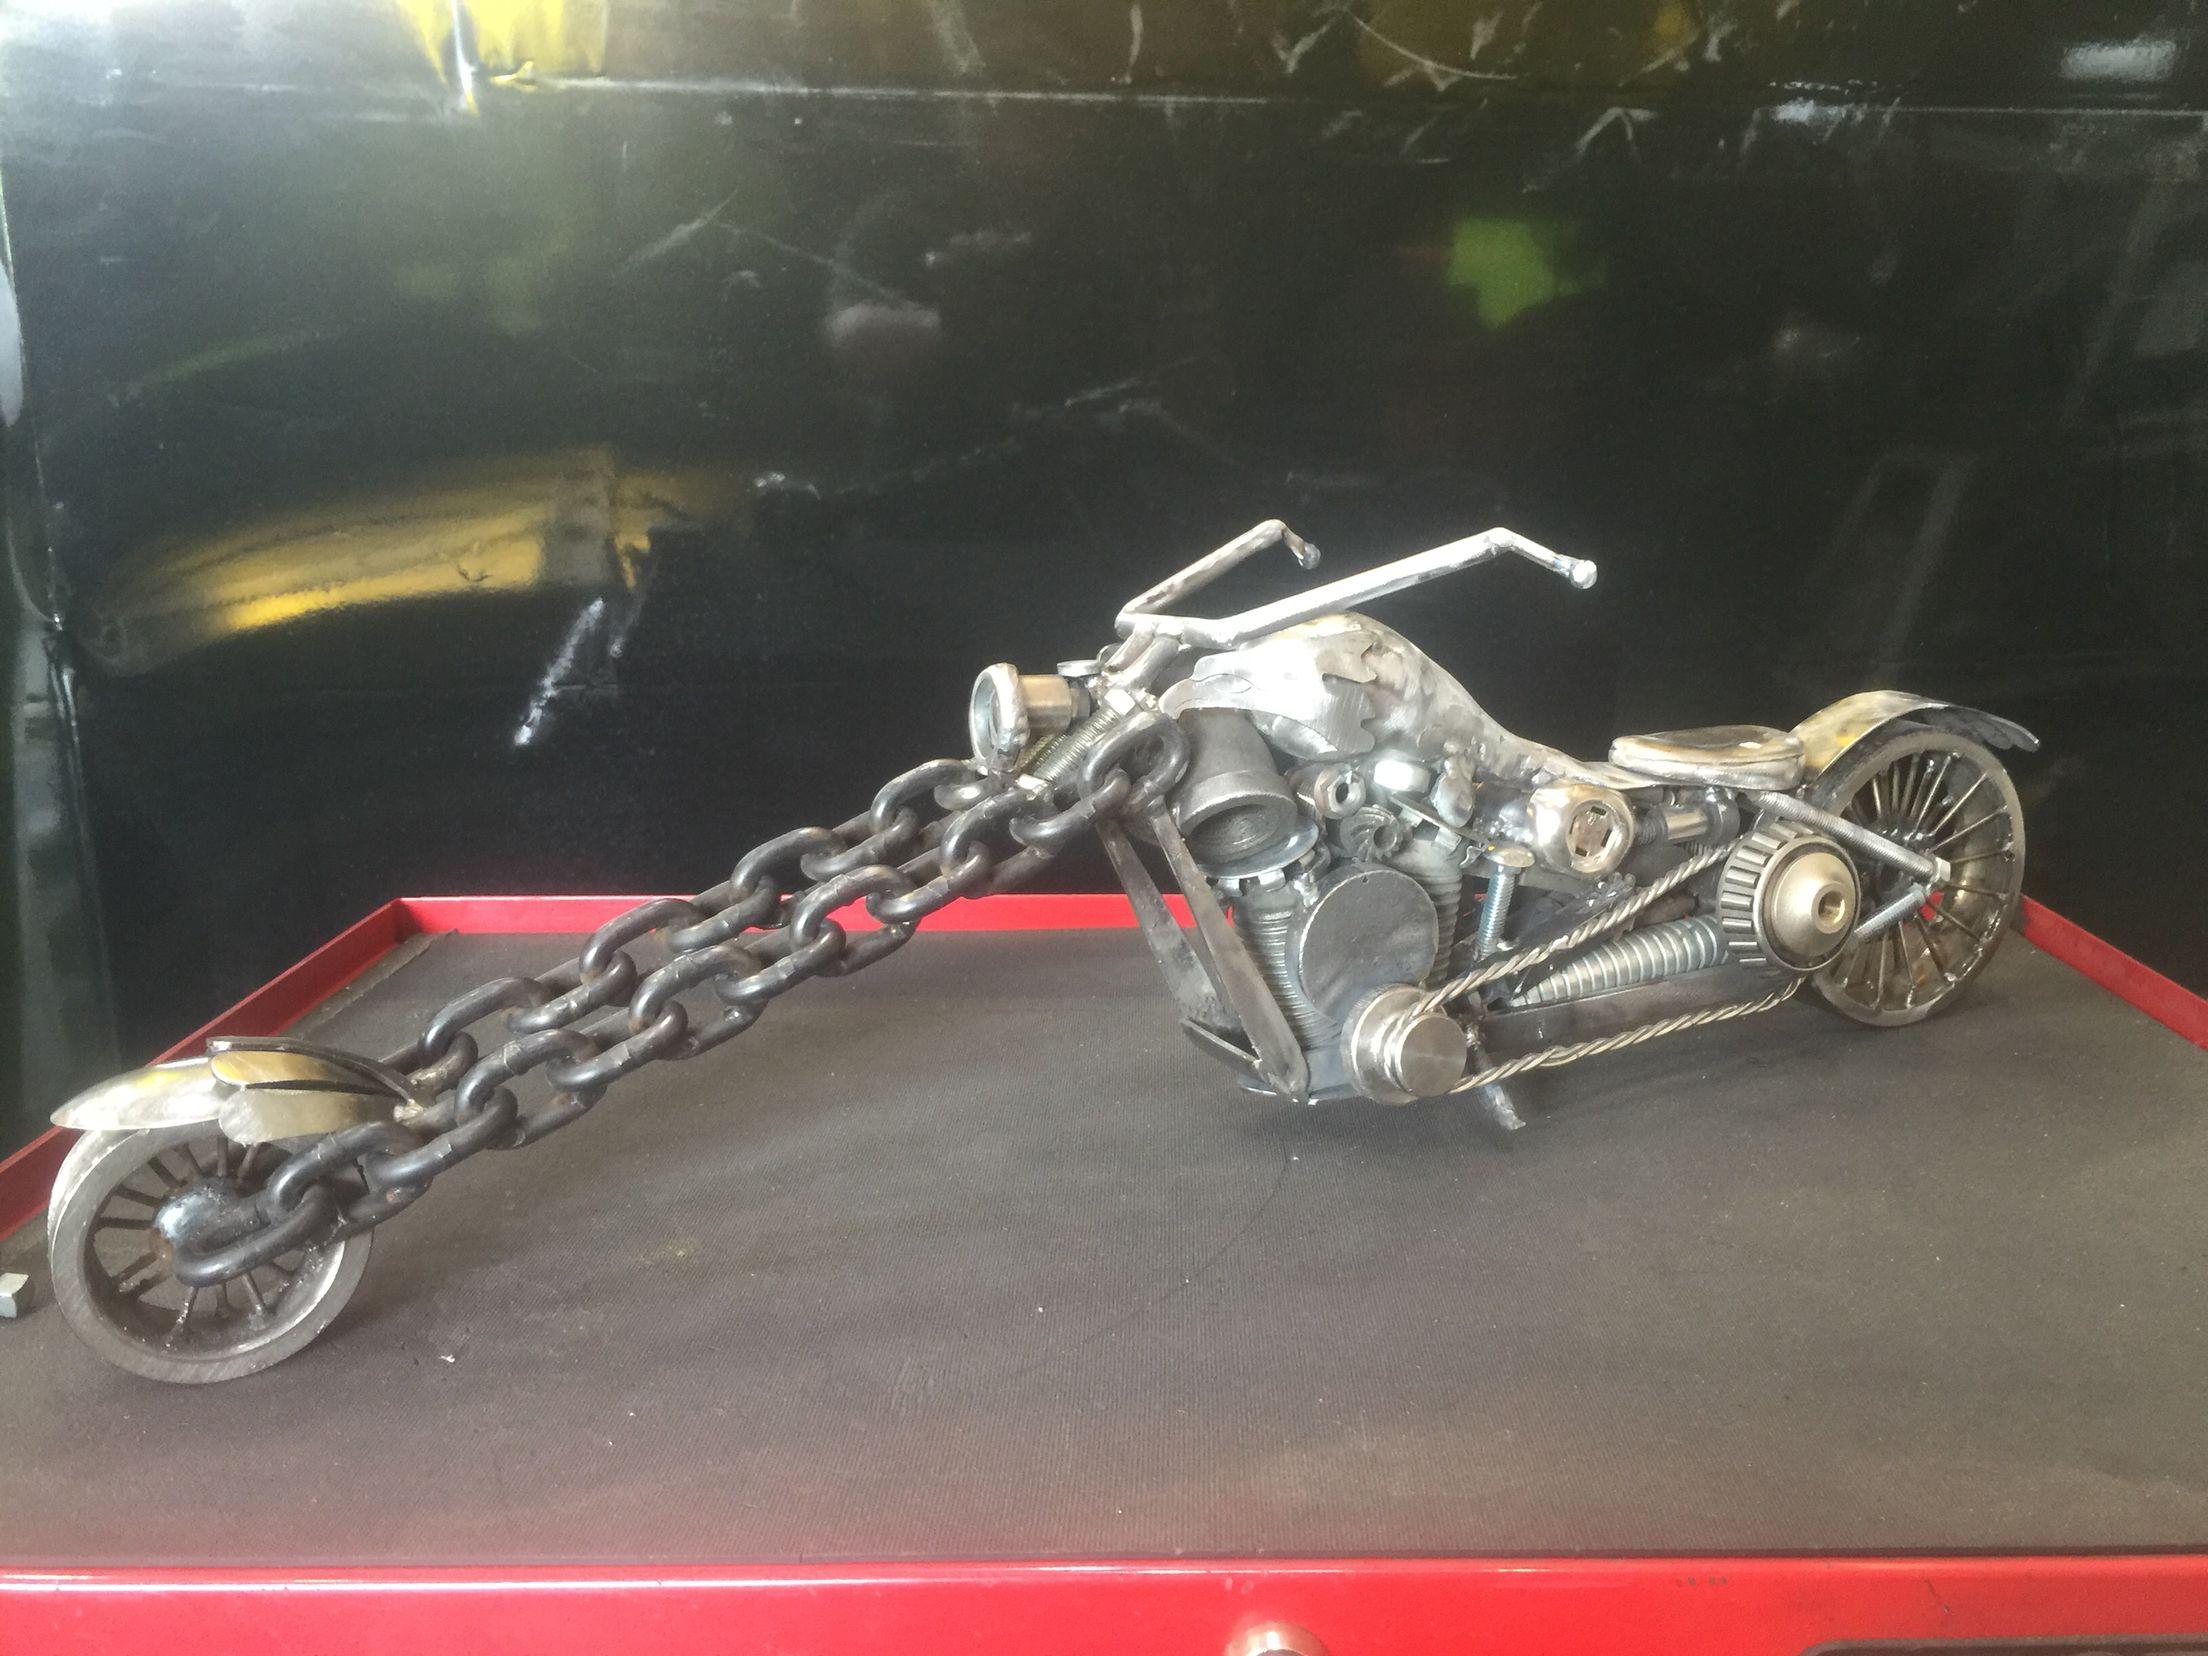 пойдете погост, железные мотоциклы большое сварки фото процедура категорически запрещена